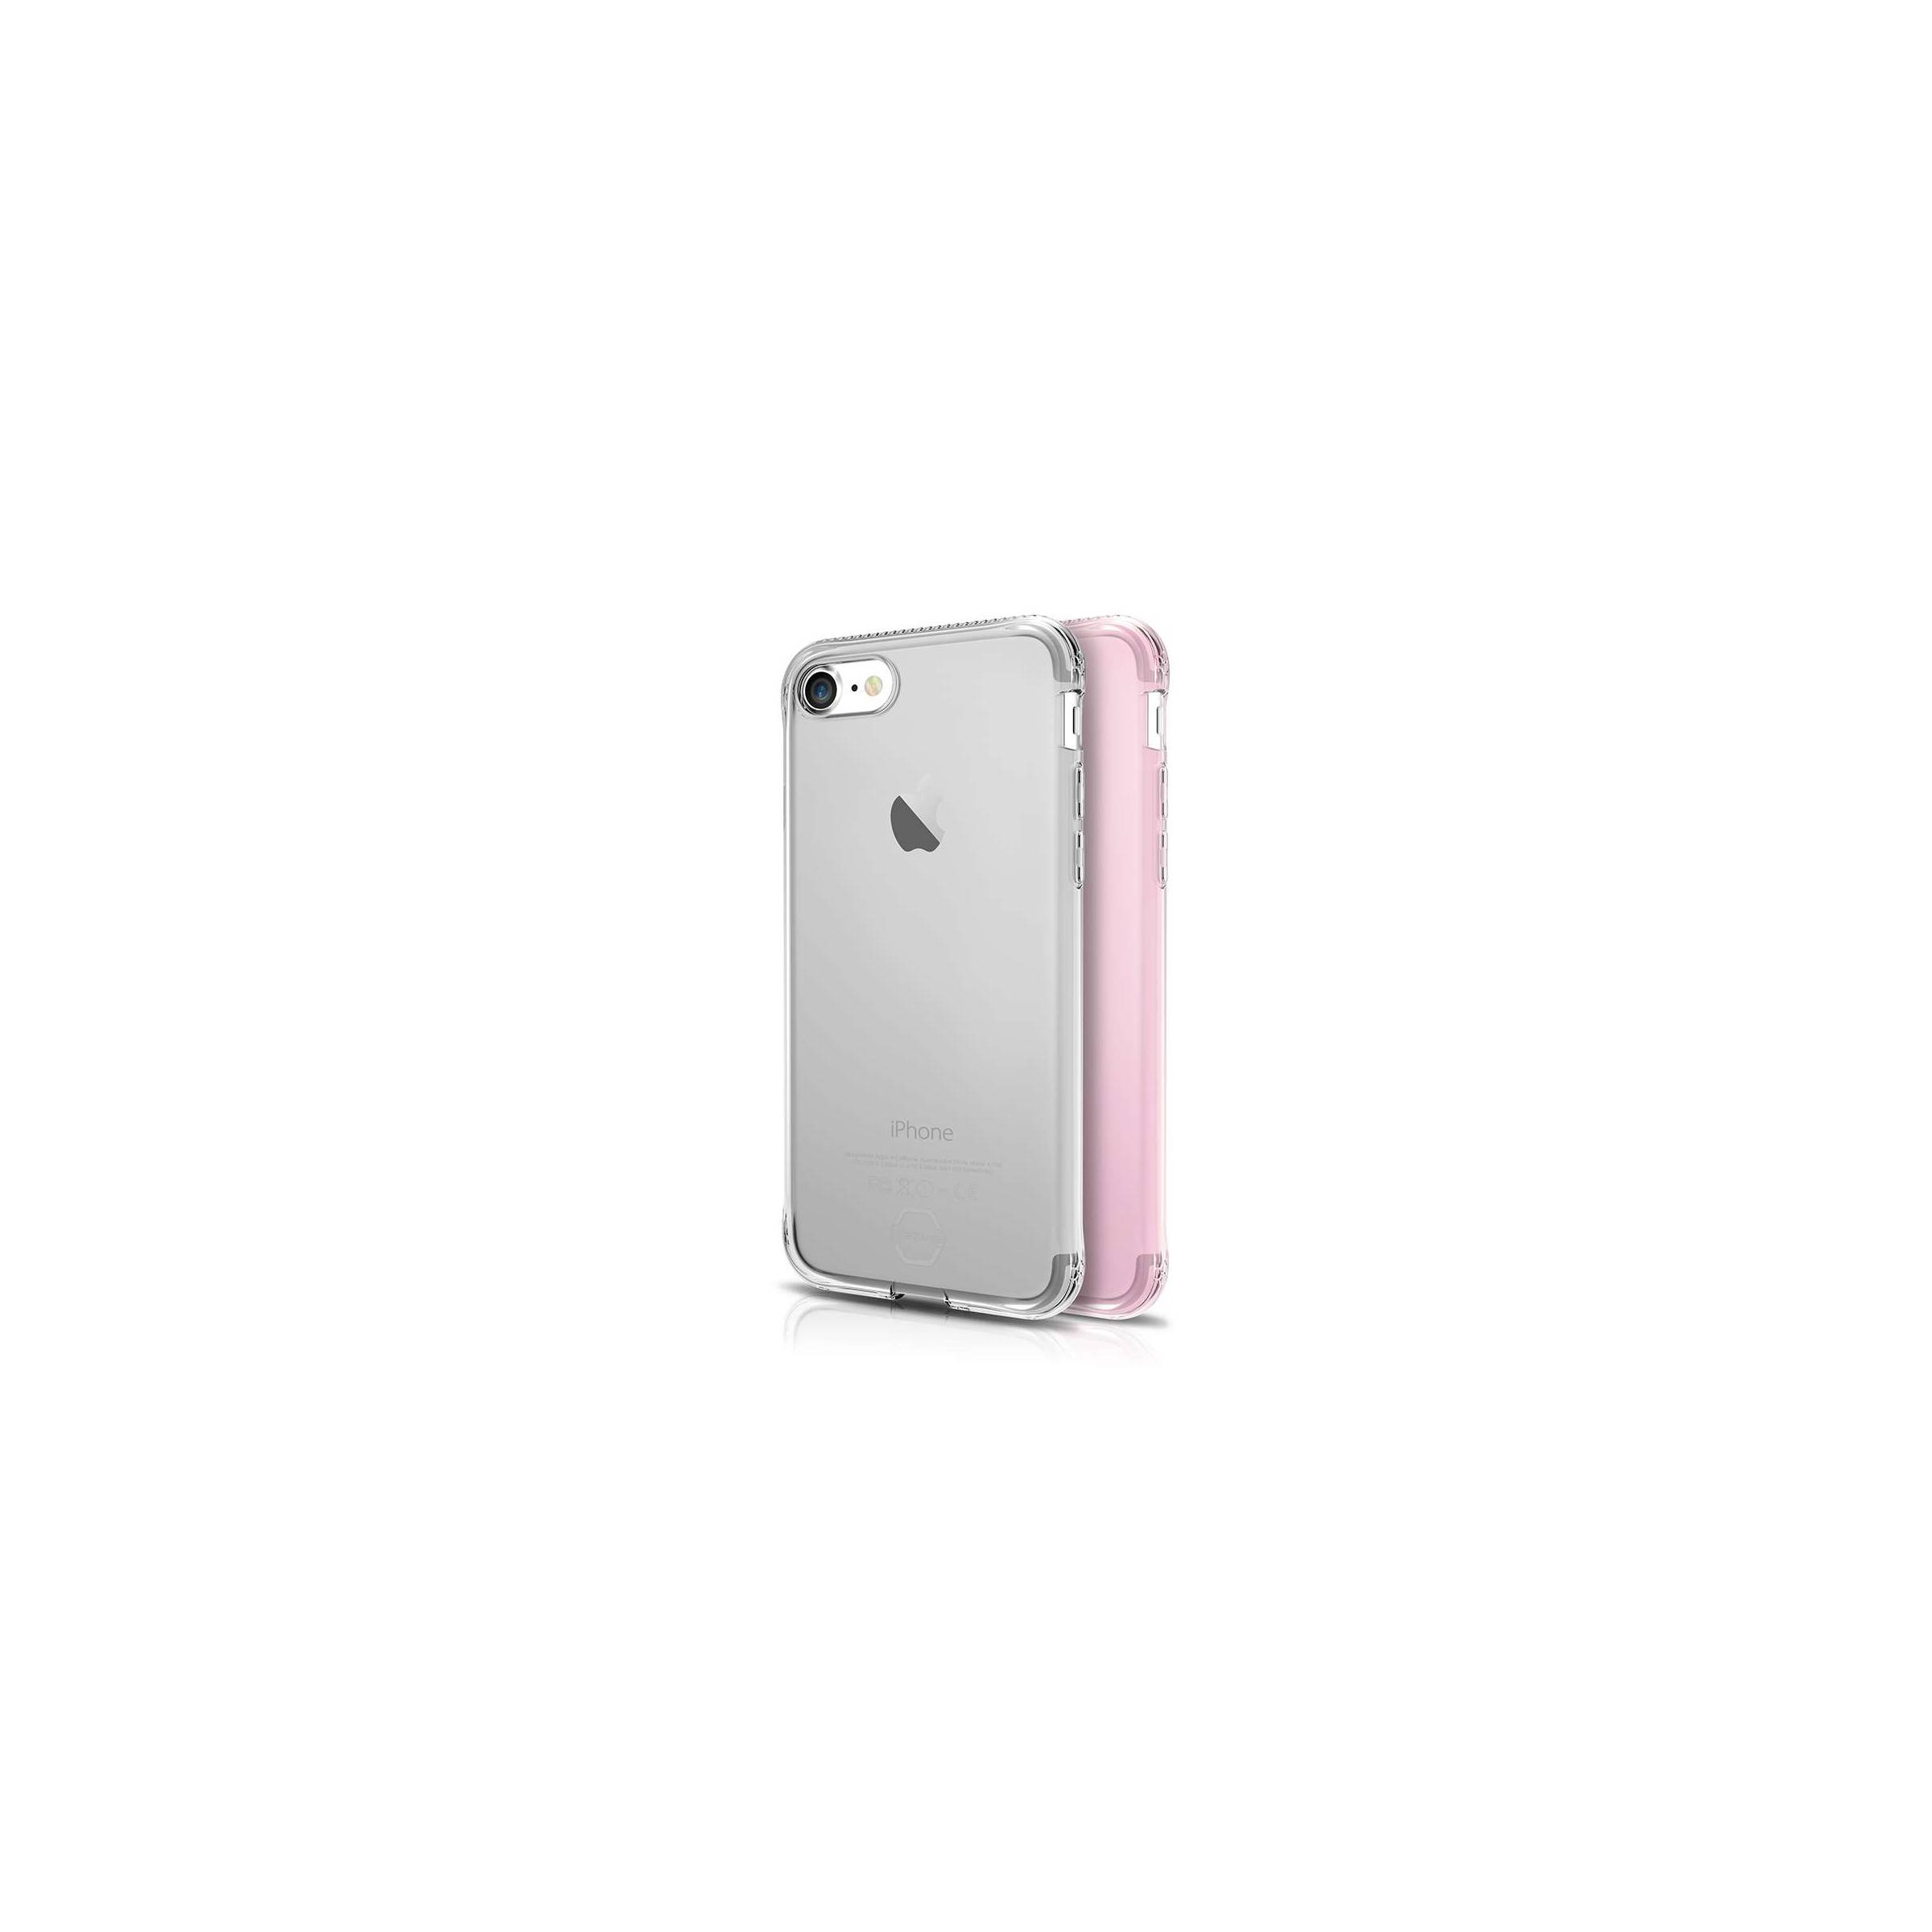 itskins Itskins slim silikone protect gel iphone 7 & 8 cover dobbelt 2x pakke farve klar & lyse rød fra mackabler.dk